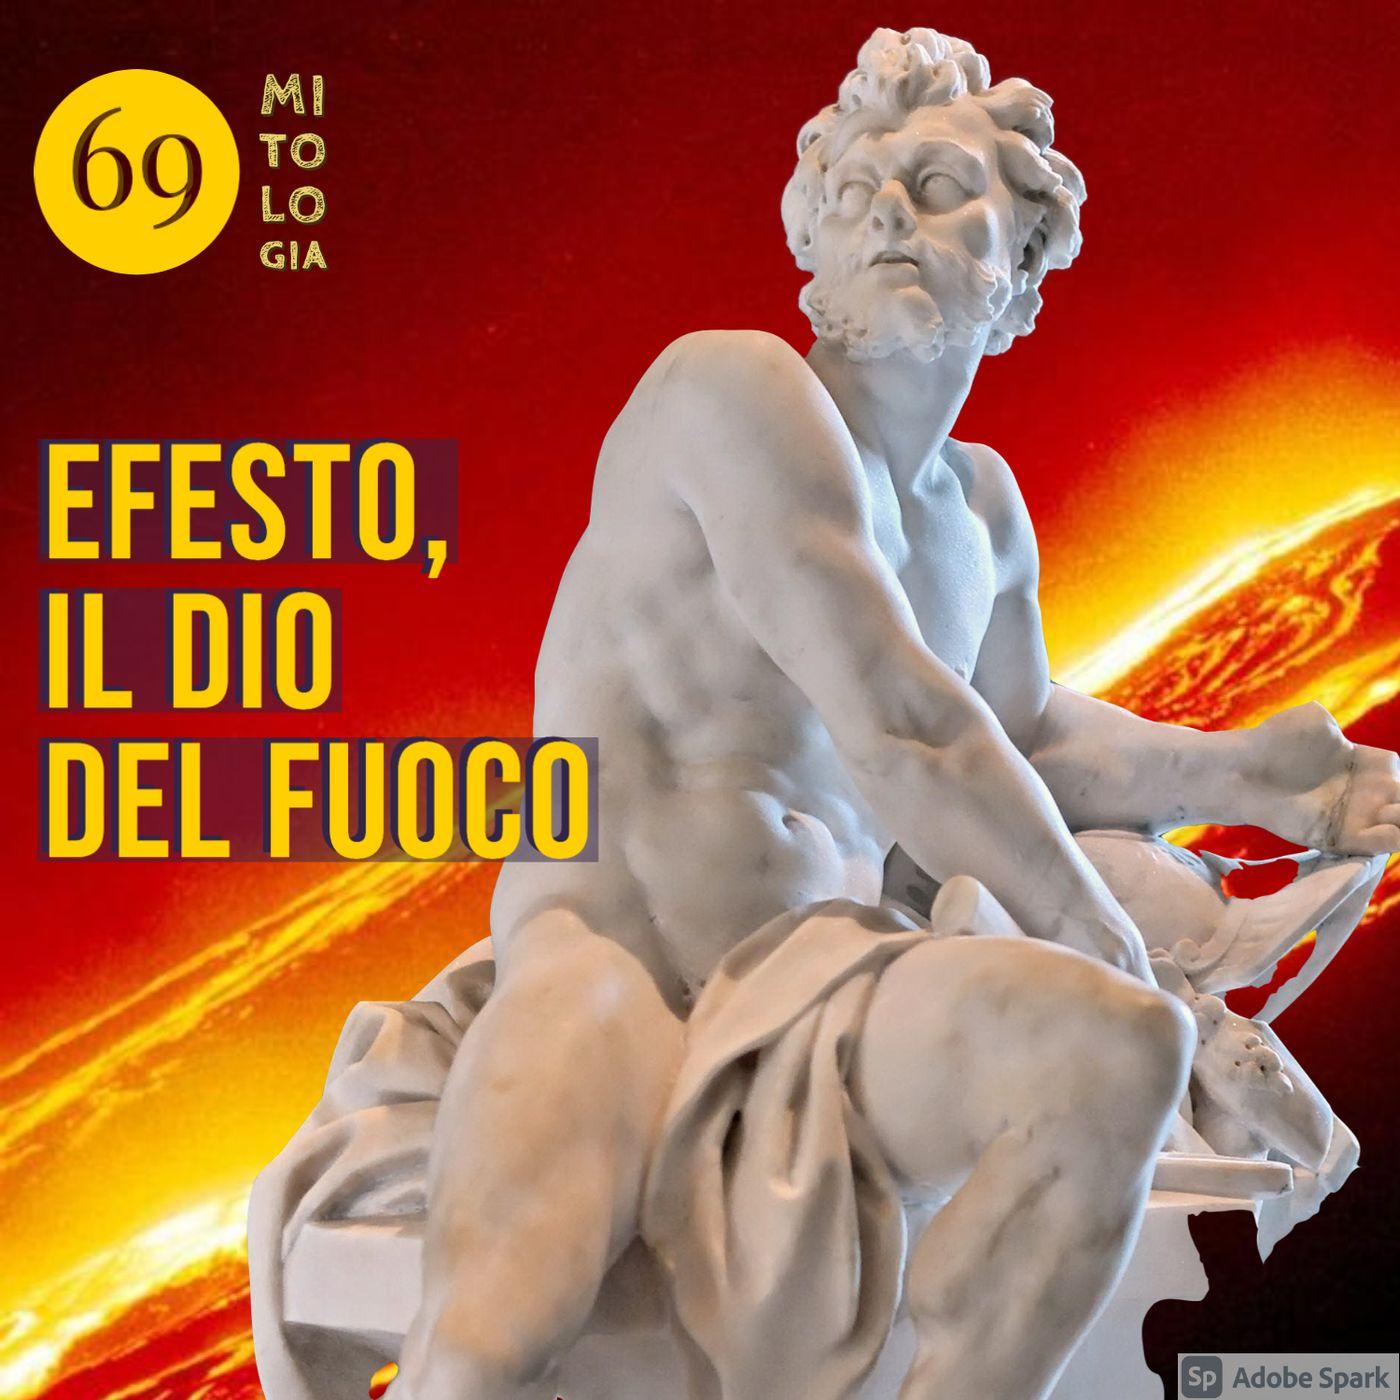 Efesto, il dio del fuoco